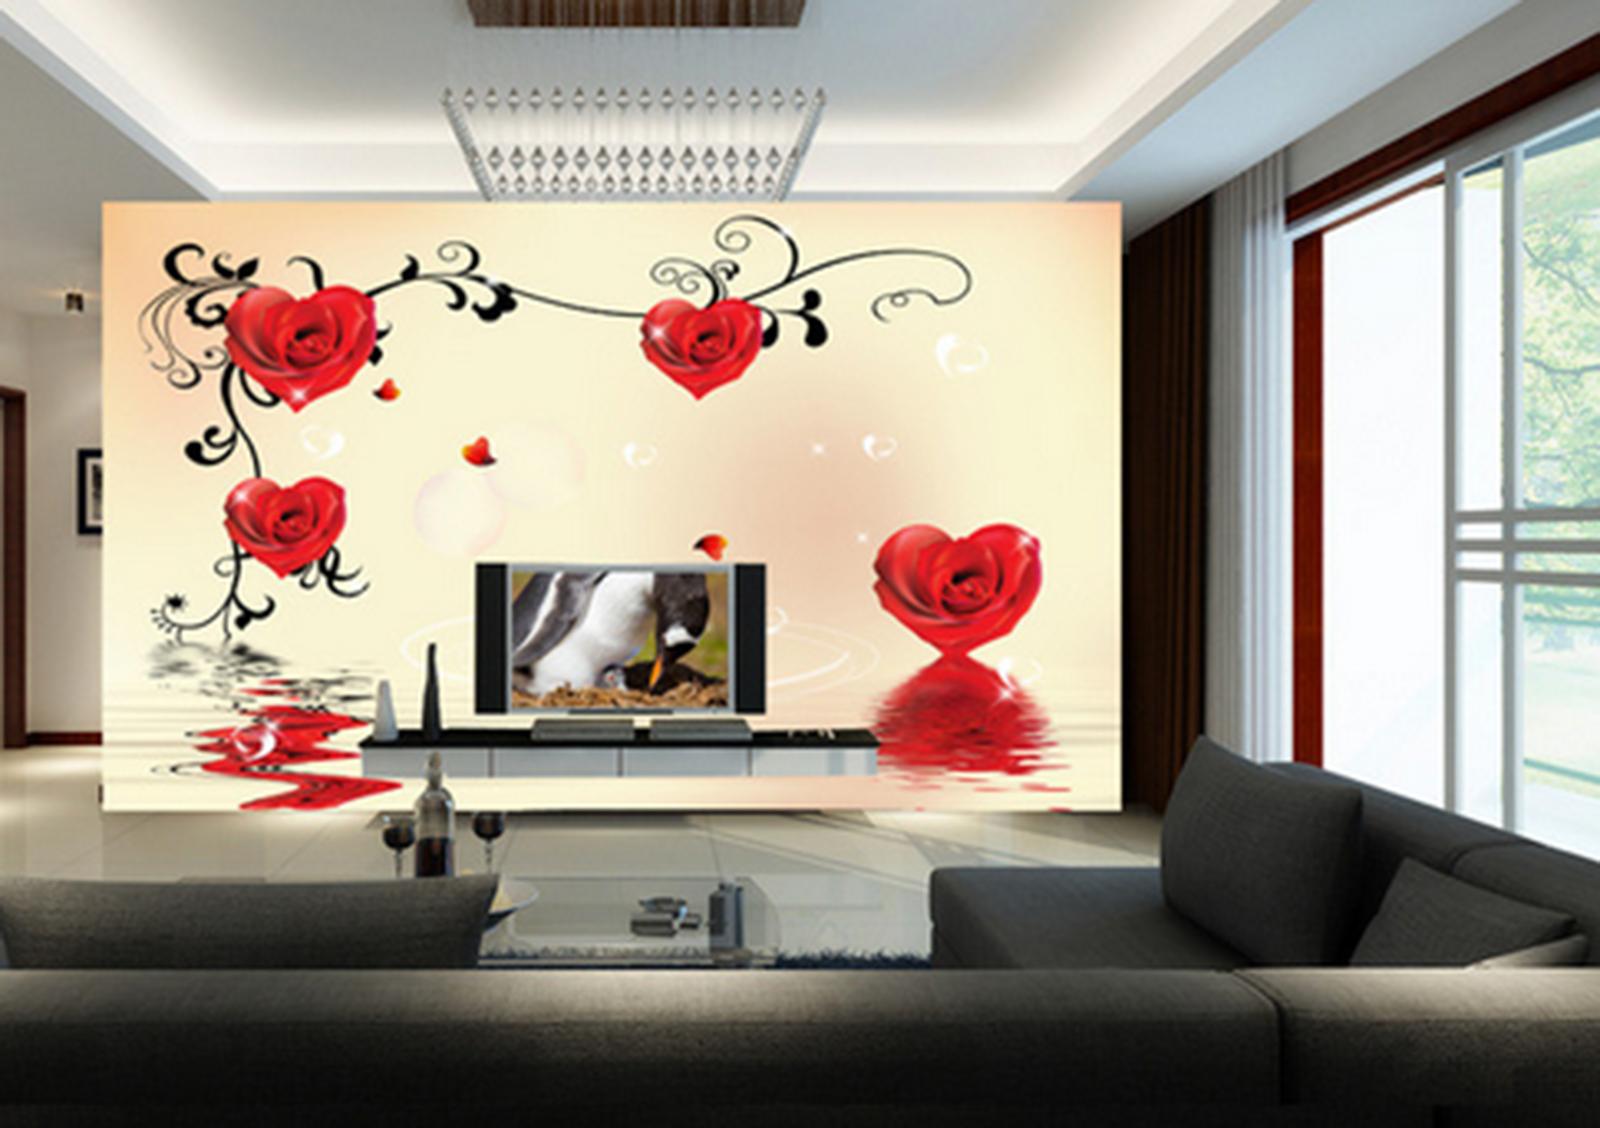 3D Love Petals 441 Wallpaper Murals Wall Print Wallpaper Mural AJ WALL AU Kyra